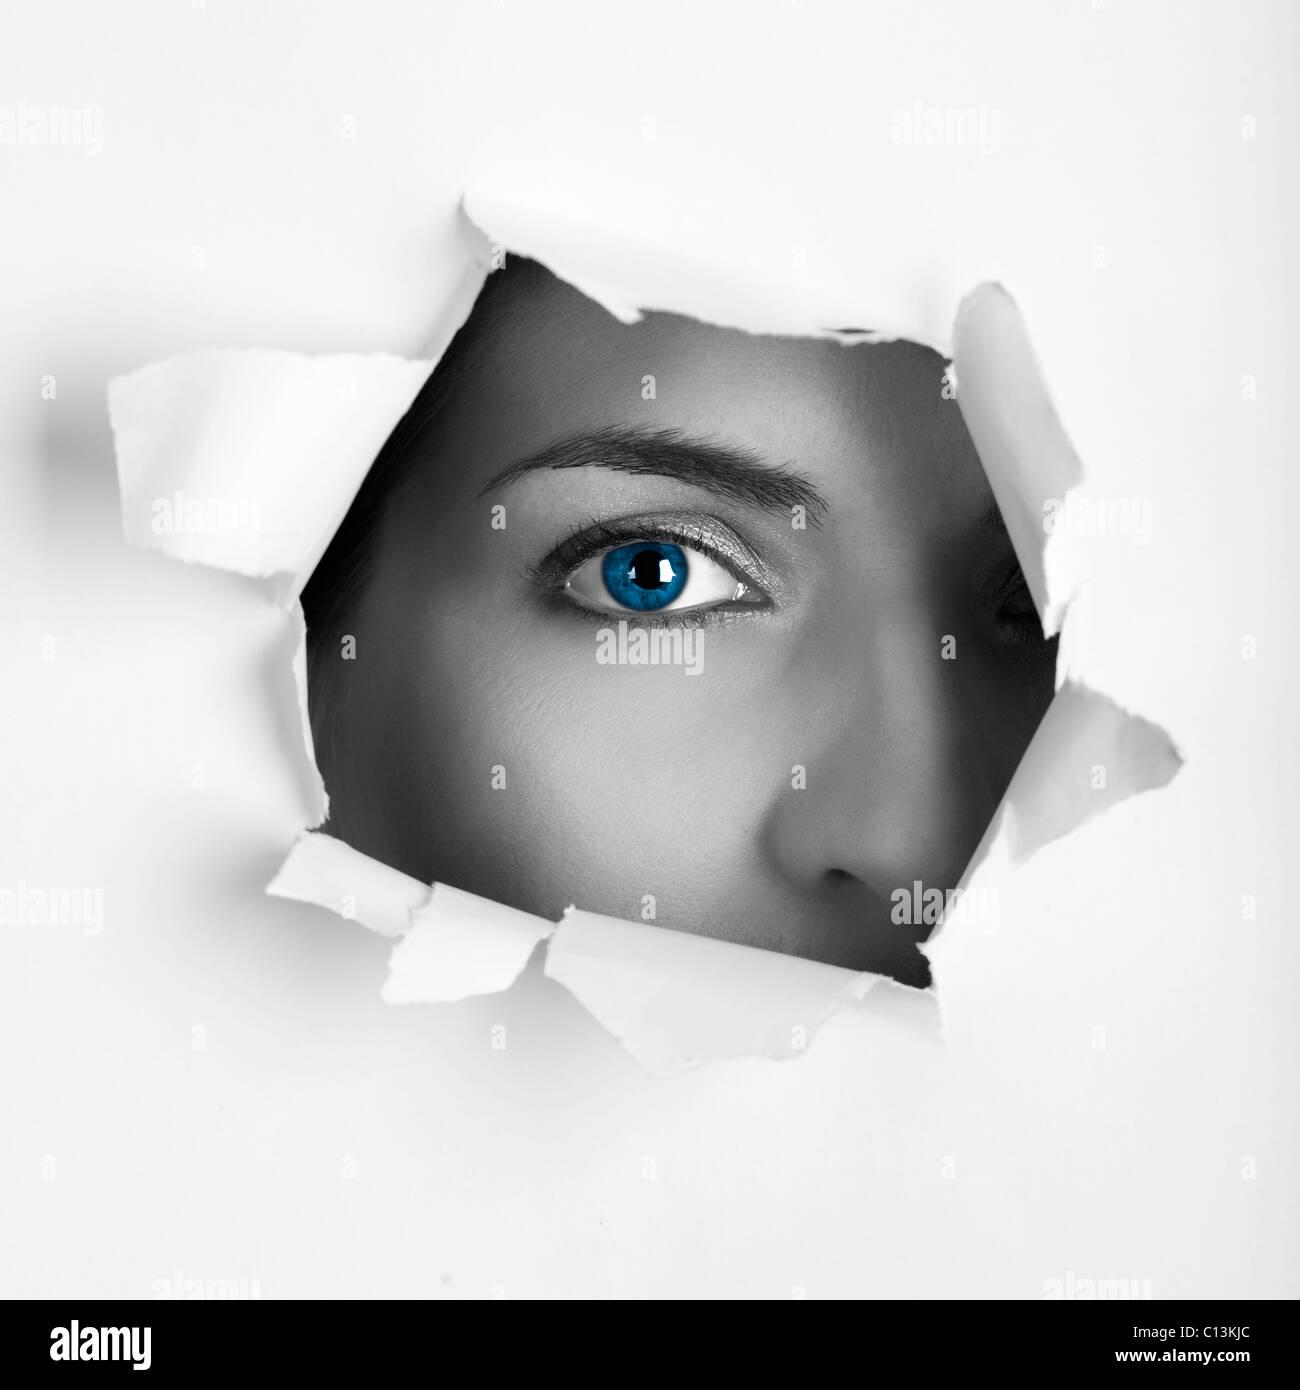 Schöne weibliche blaue Augen Blick durch ein Loch auf einem Blatt Papier Stockfoto